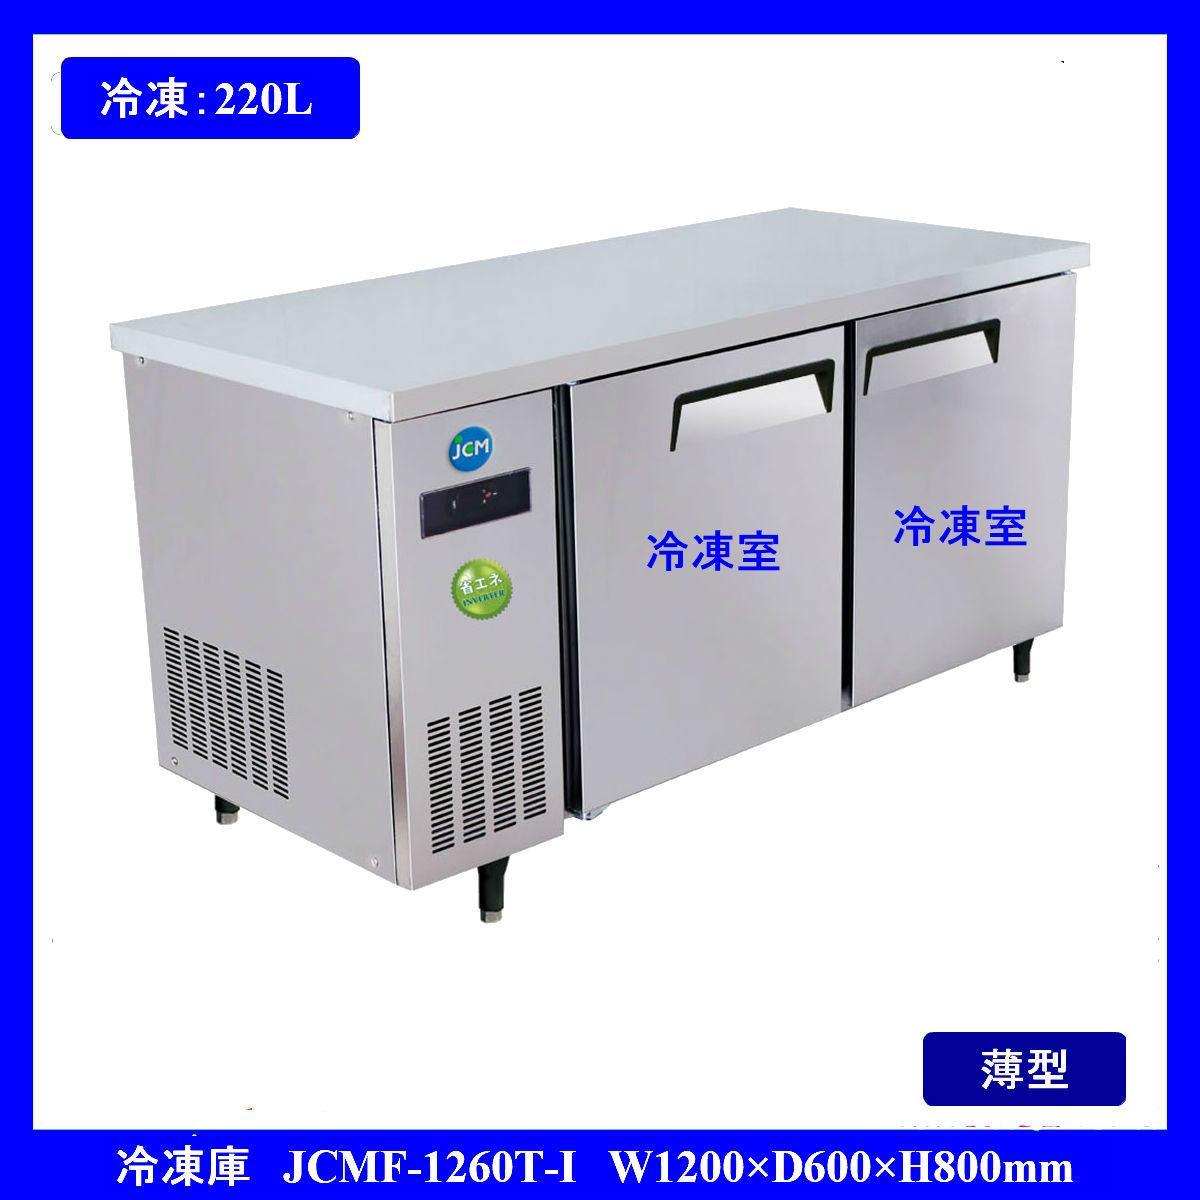 【送料無料】220L コールドテーブル ヨコ型冷凍庫 JCMF-1260T-I